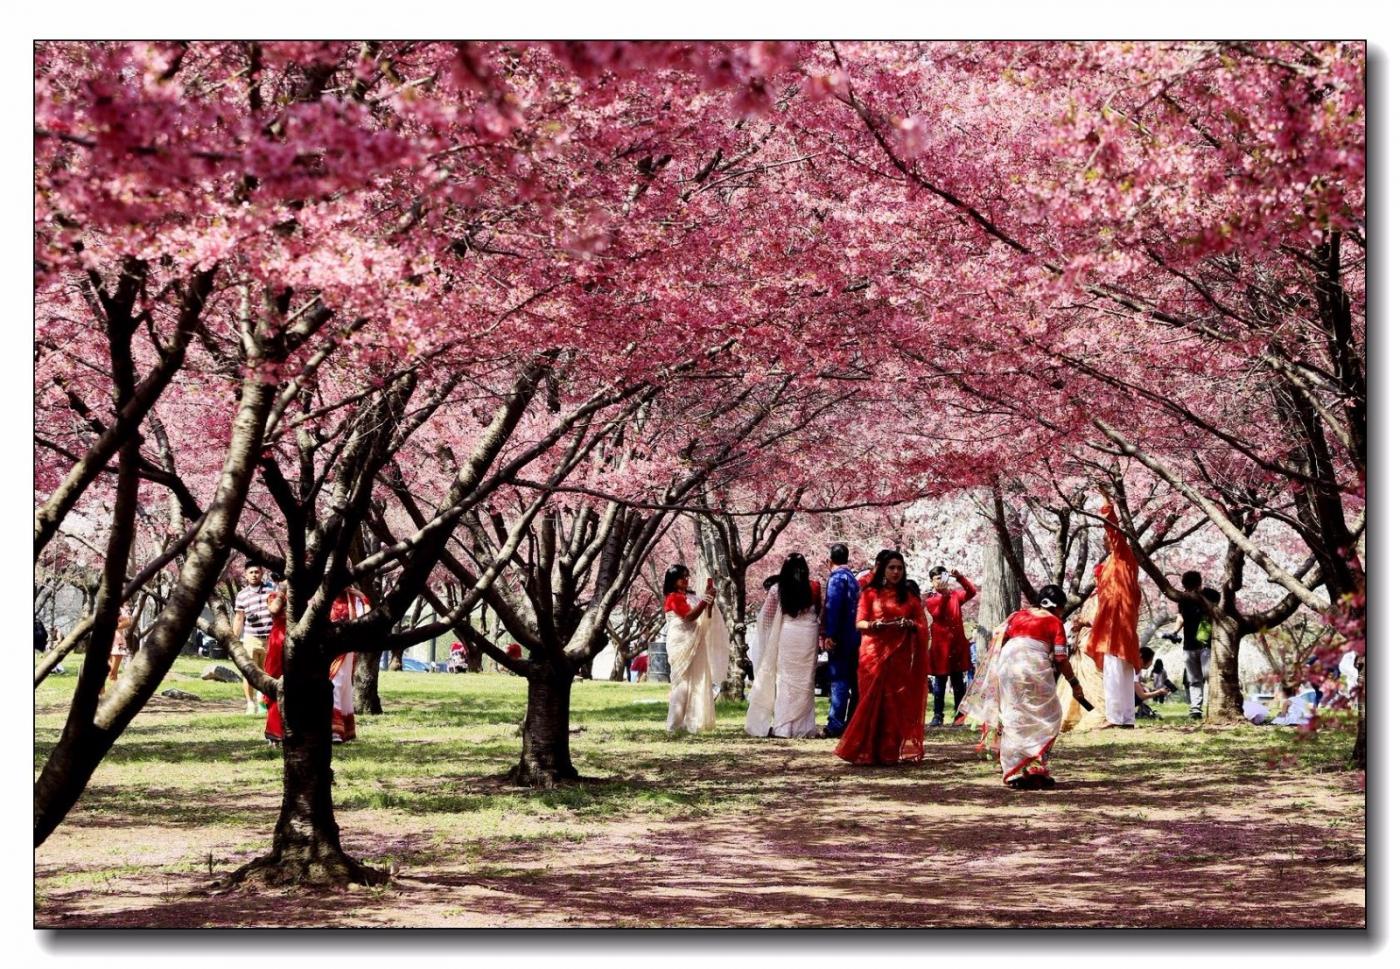 春满可乐娜公园_图1-13